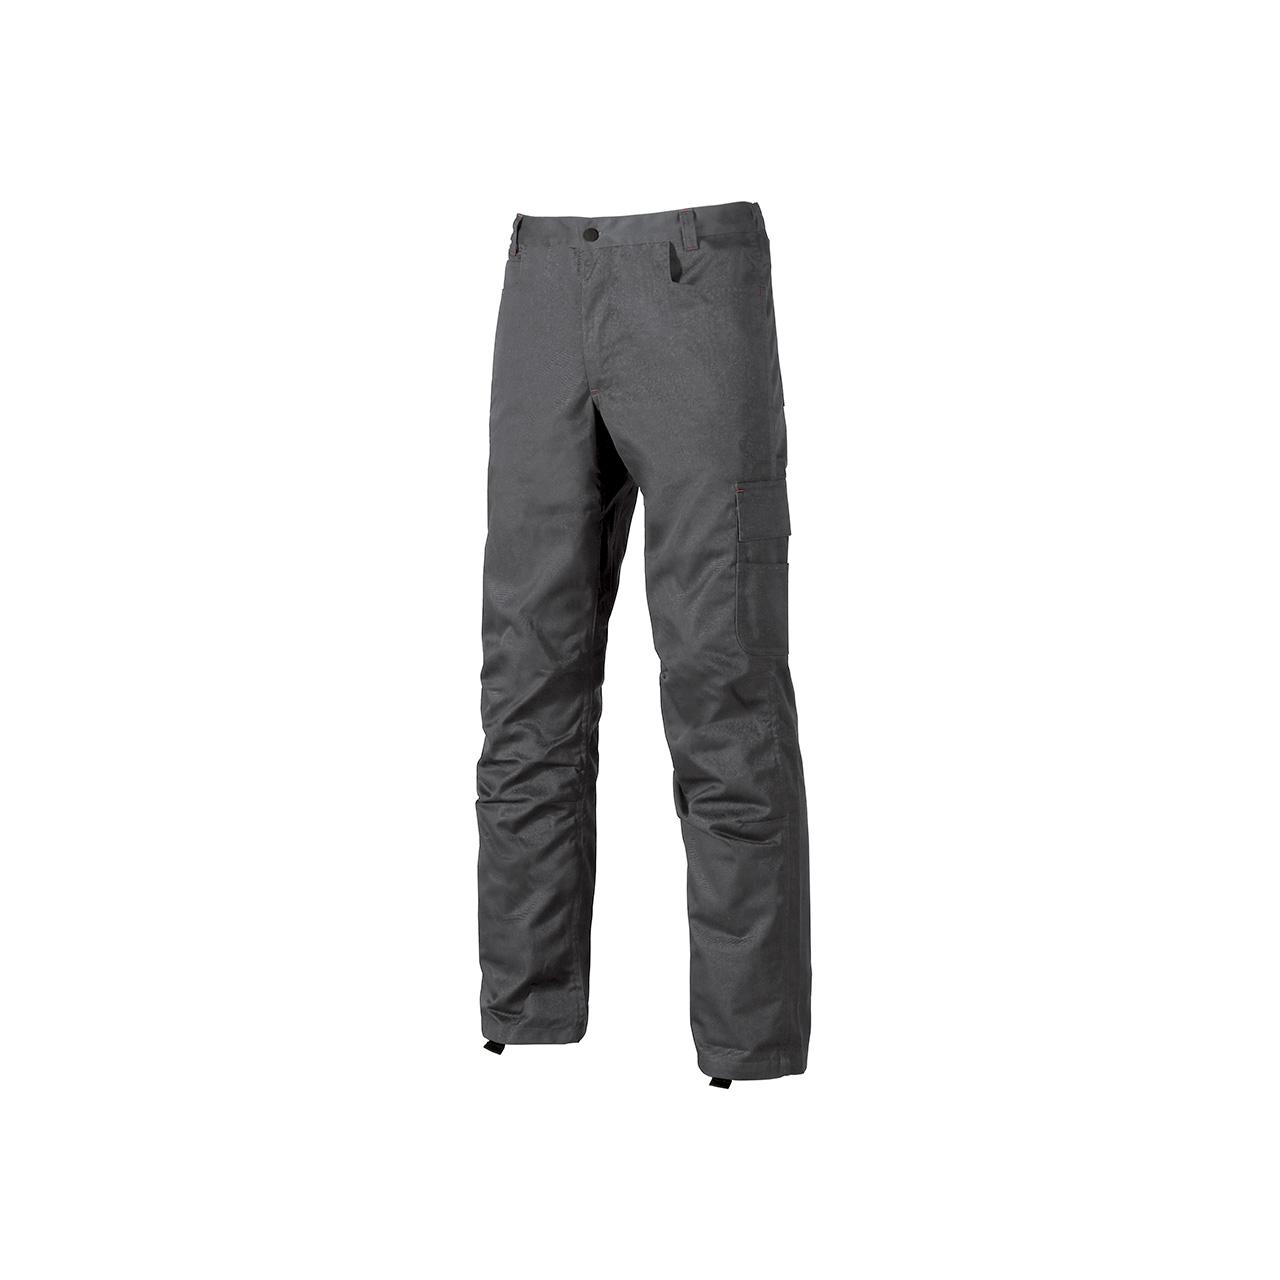 pantalone da lavoro upower modello bravo colore grey me